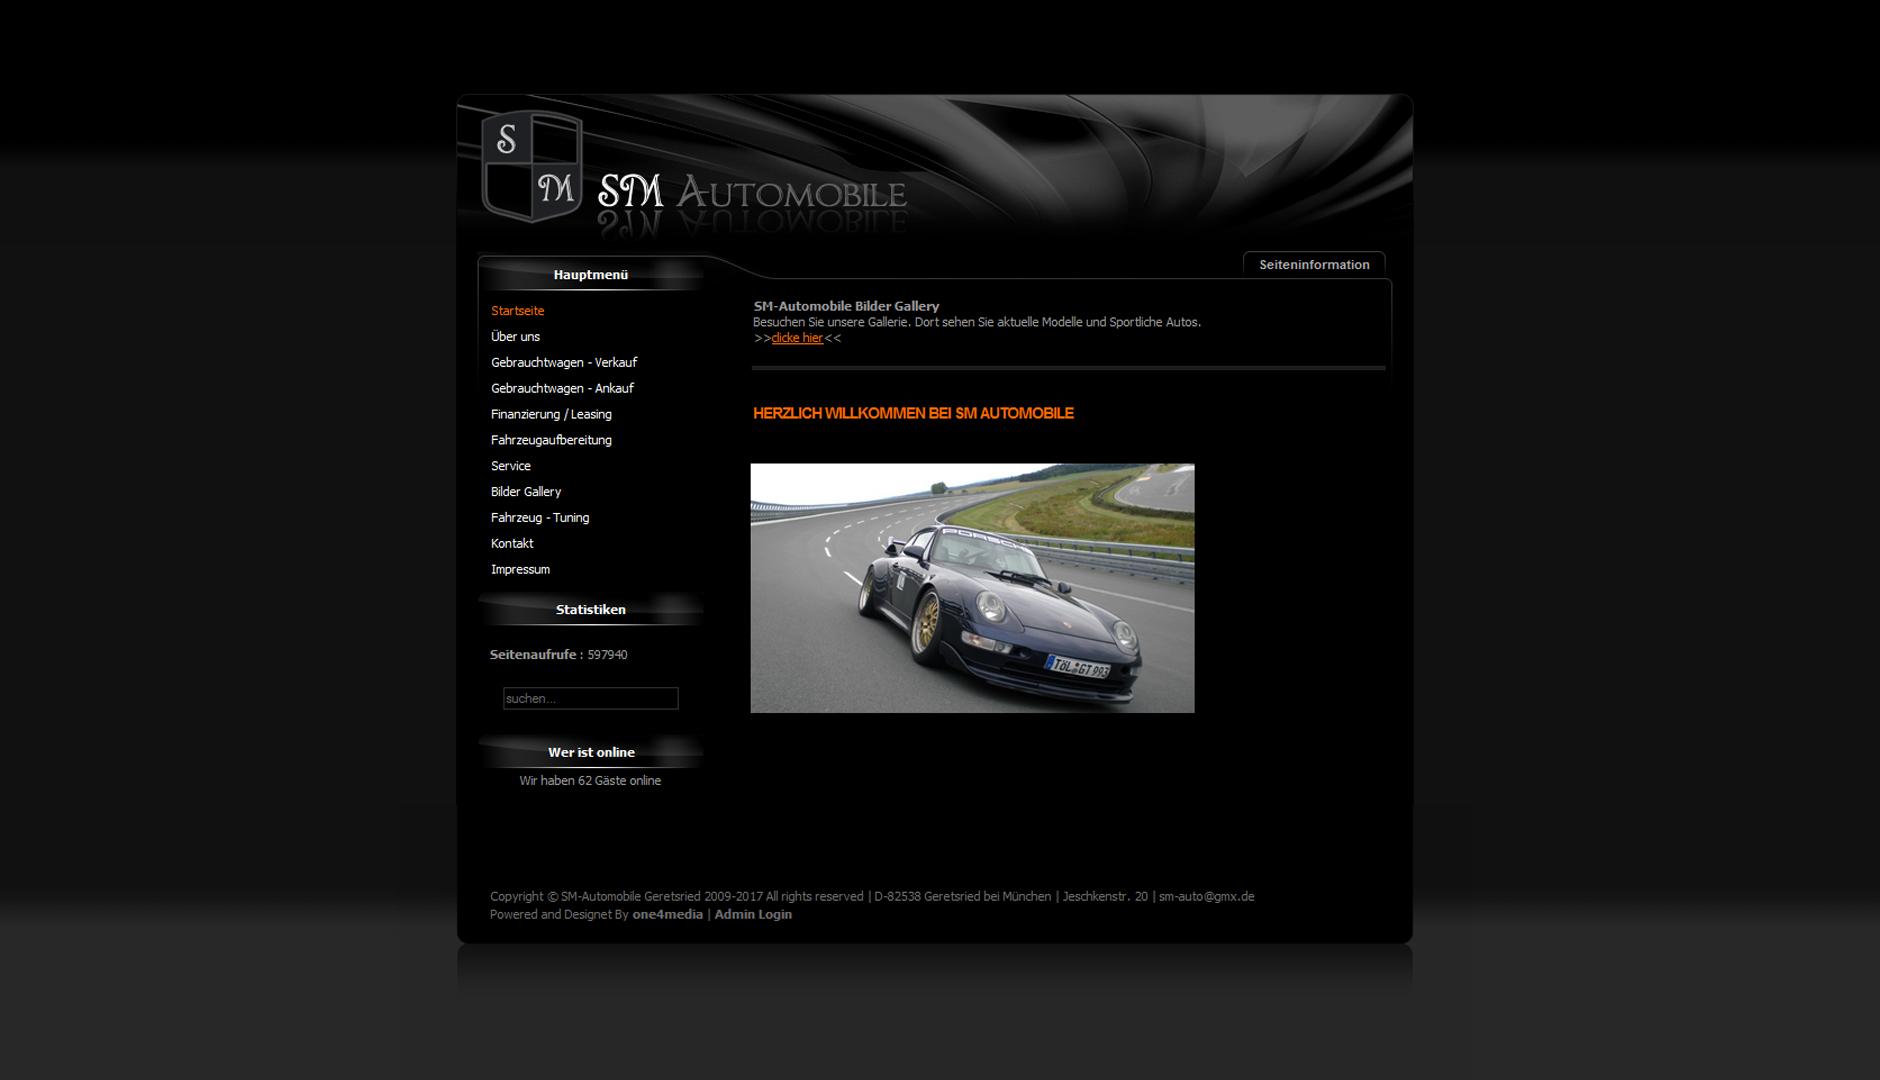 SM Automobile v2